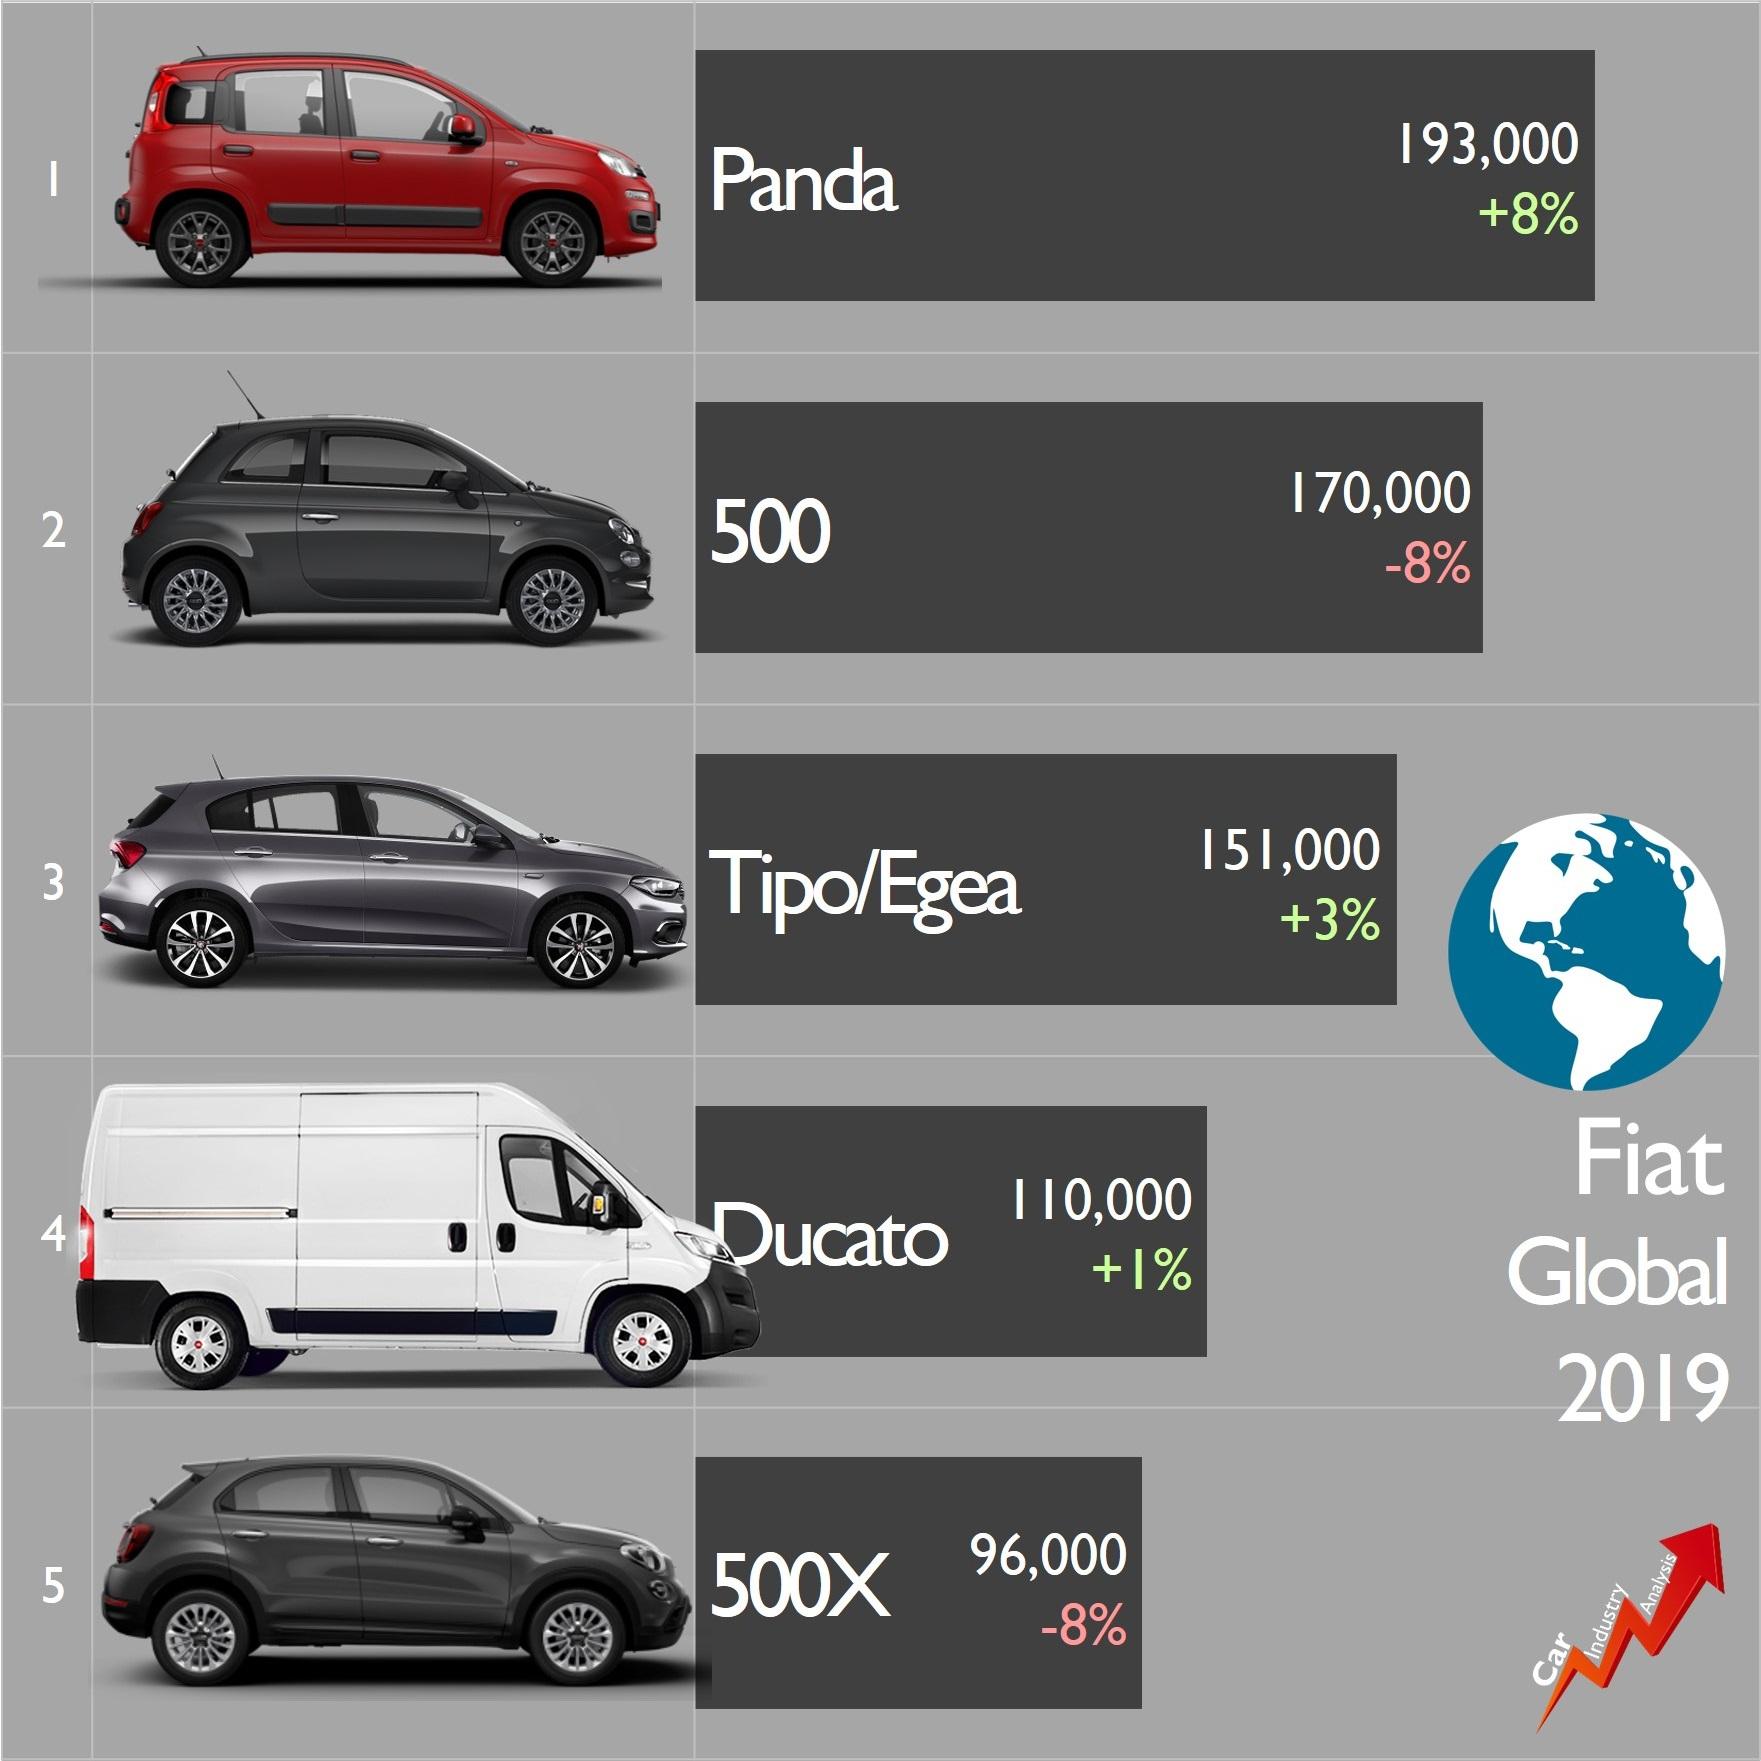 [Statistiques] Par ici les chiffres - Page 26 Fiat-b11